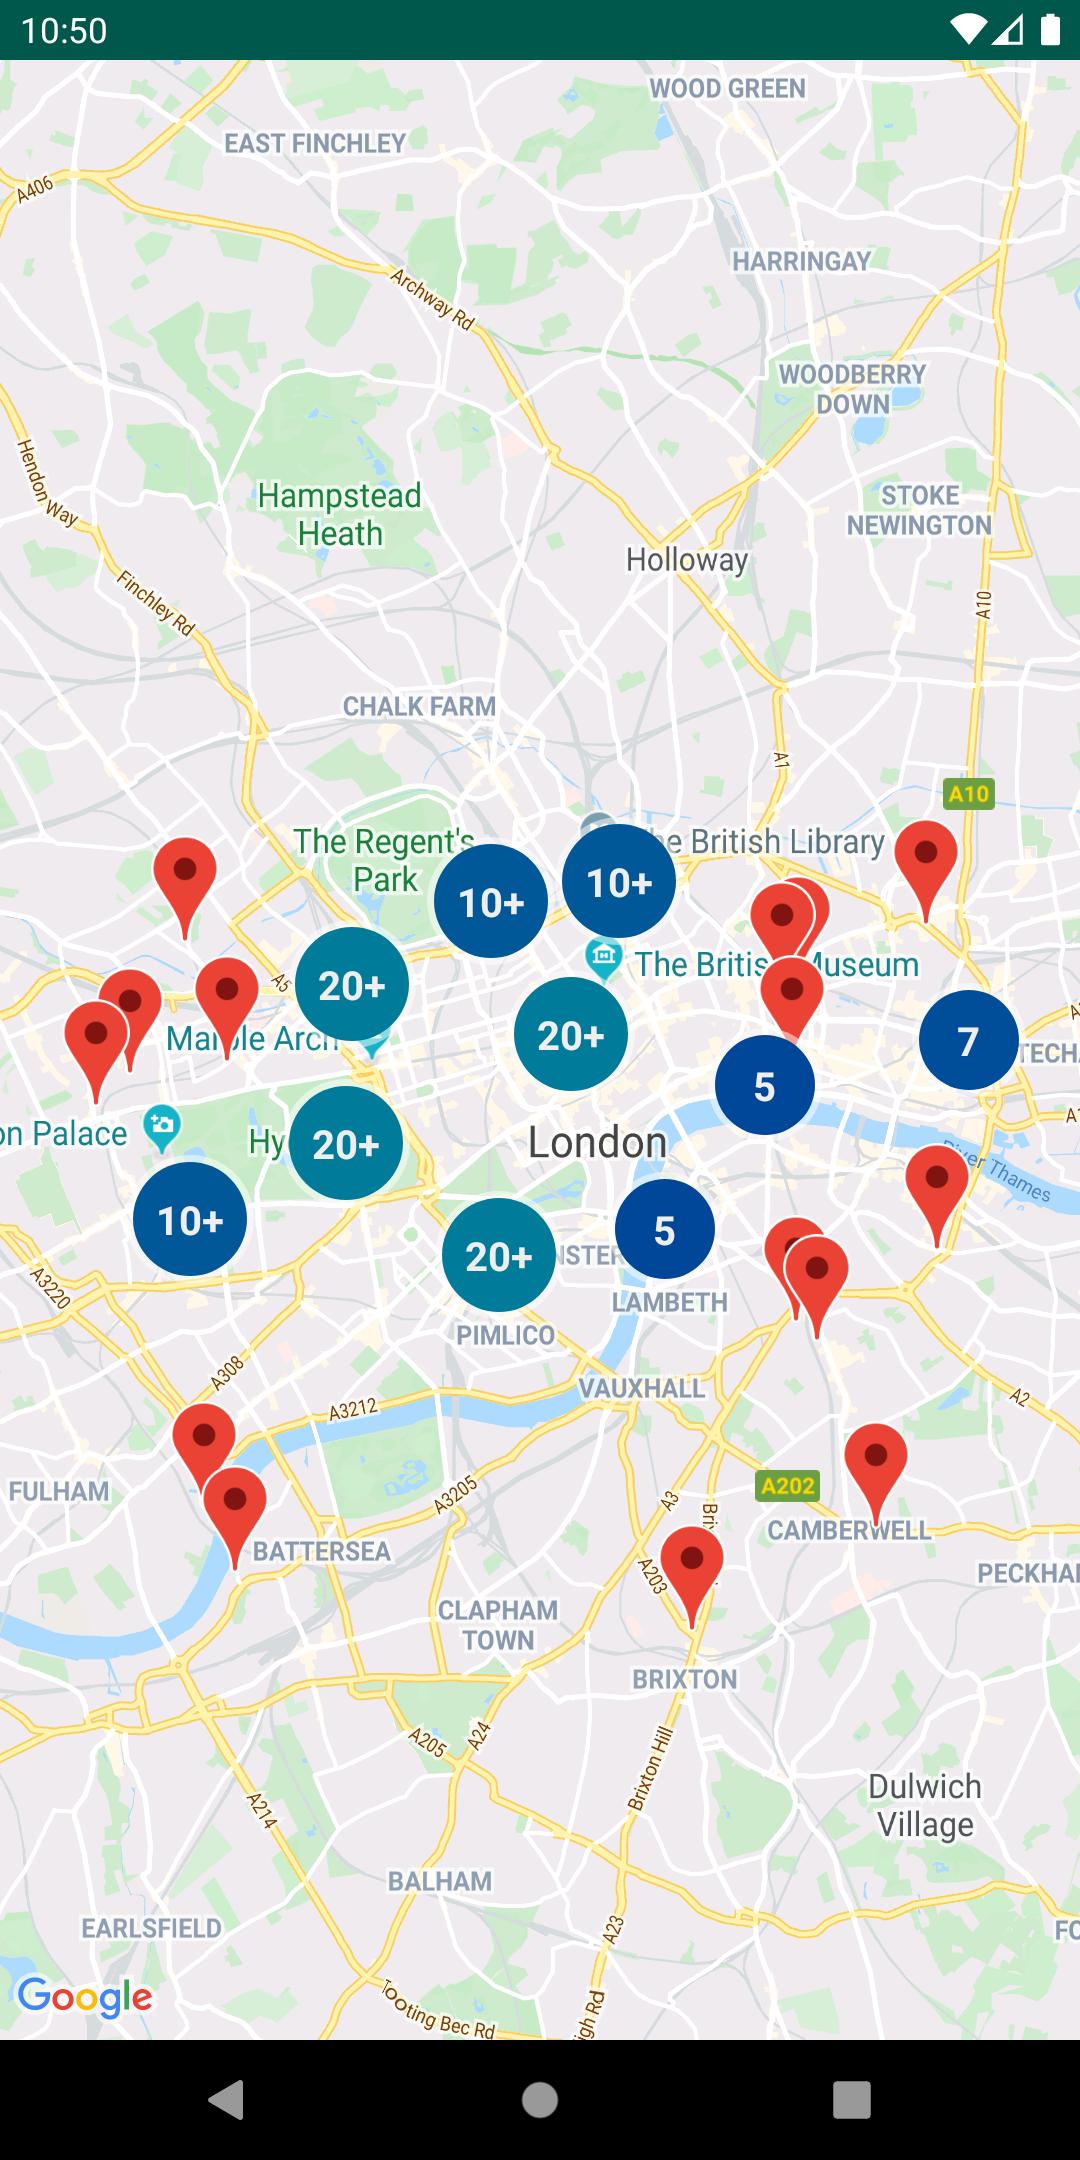 Markierungs-Cluster auf einer Karte